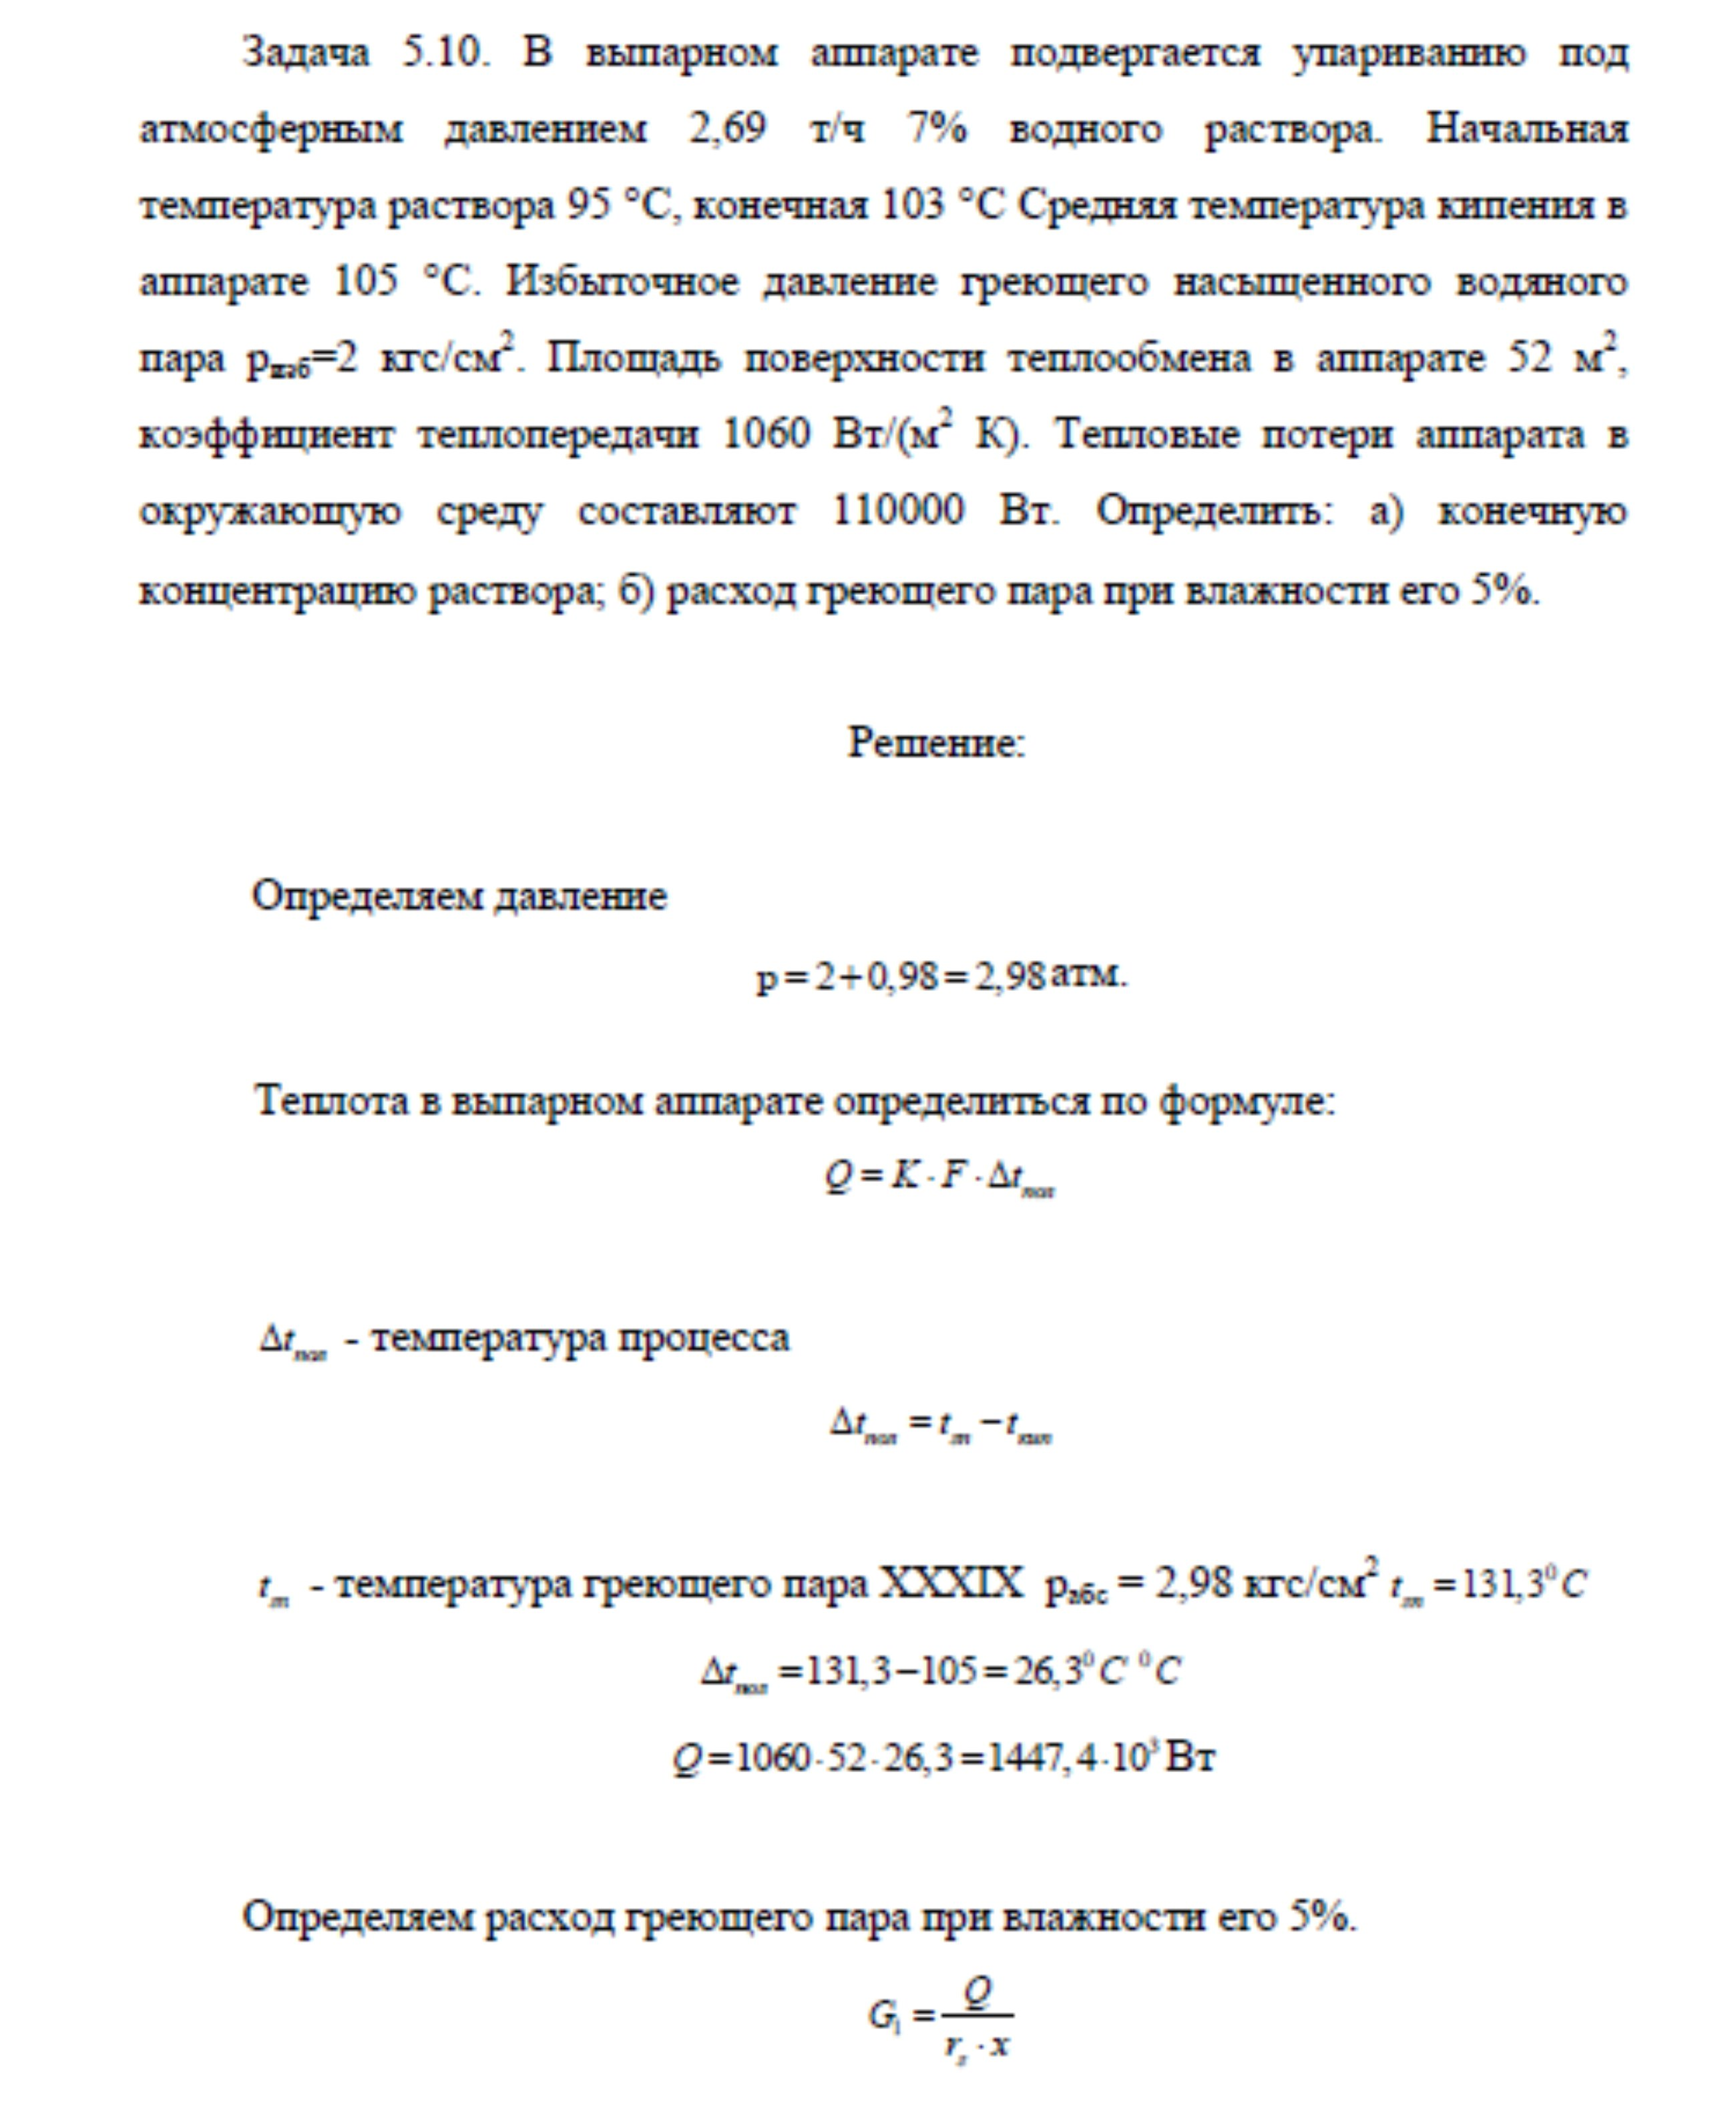 Решение задачи 5.10 по ПАХТ из задачника Павлова Романкова Носкова